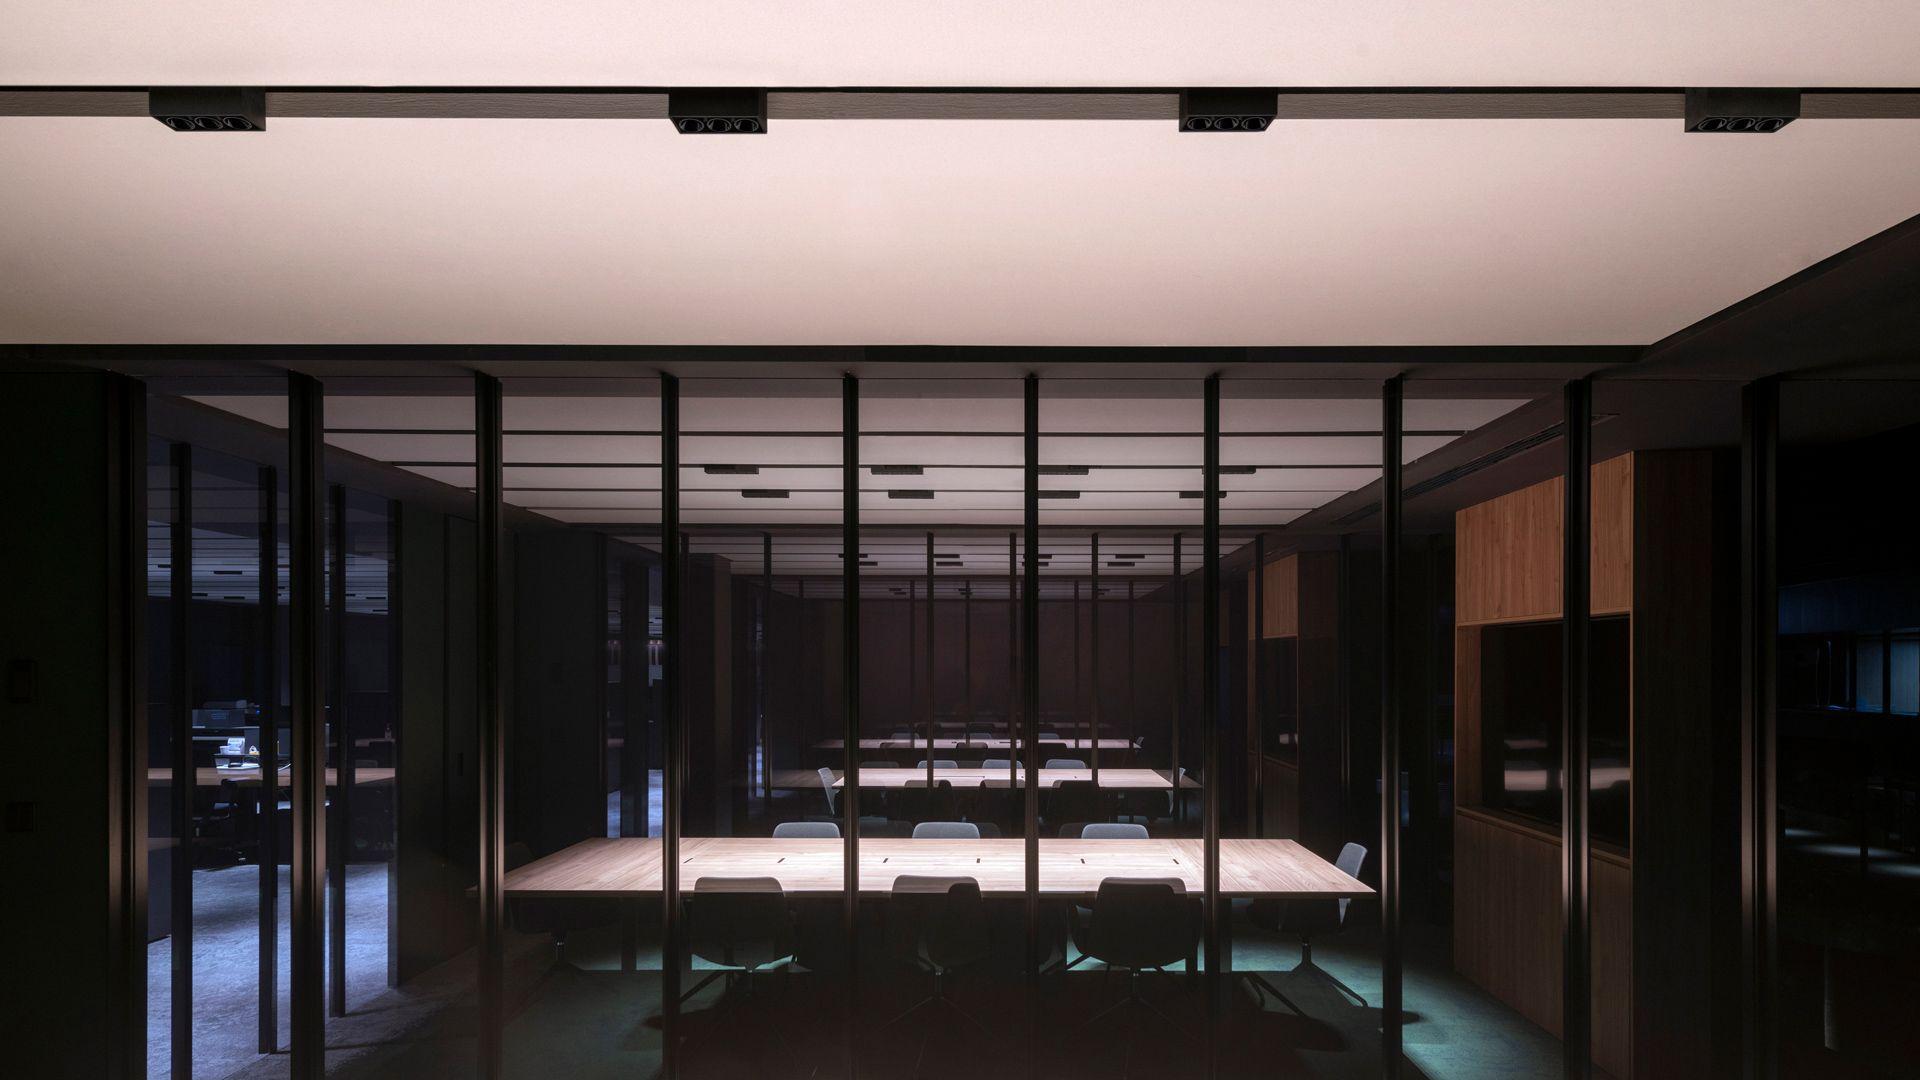 Black Foster surface - Arkoslight